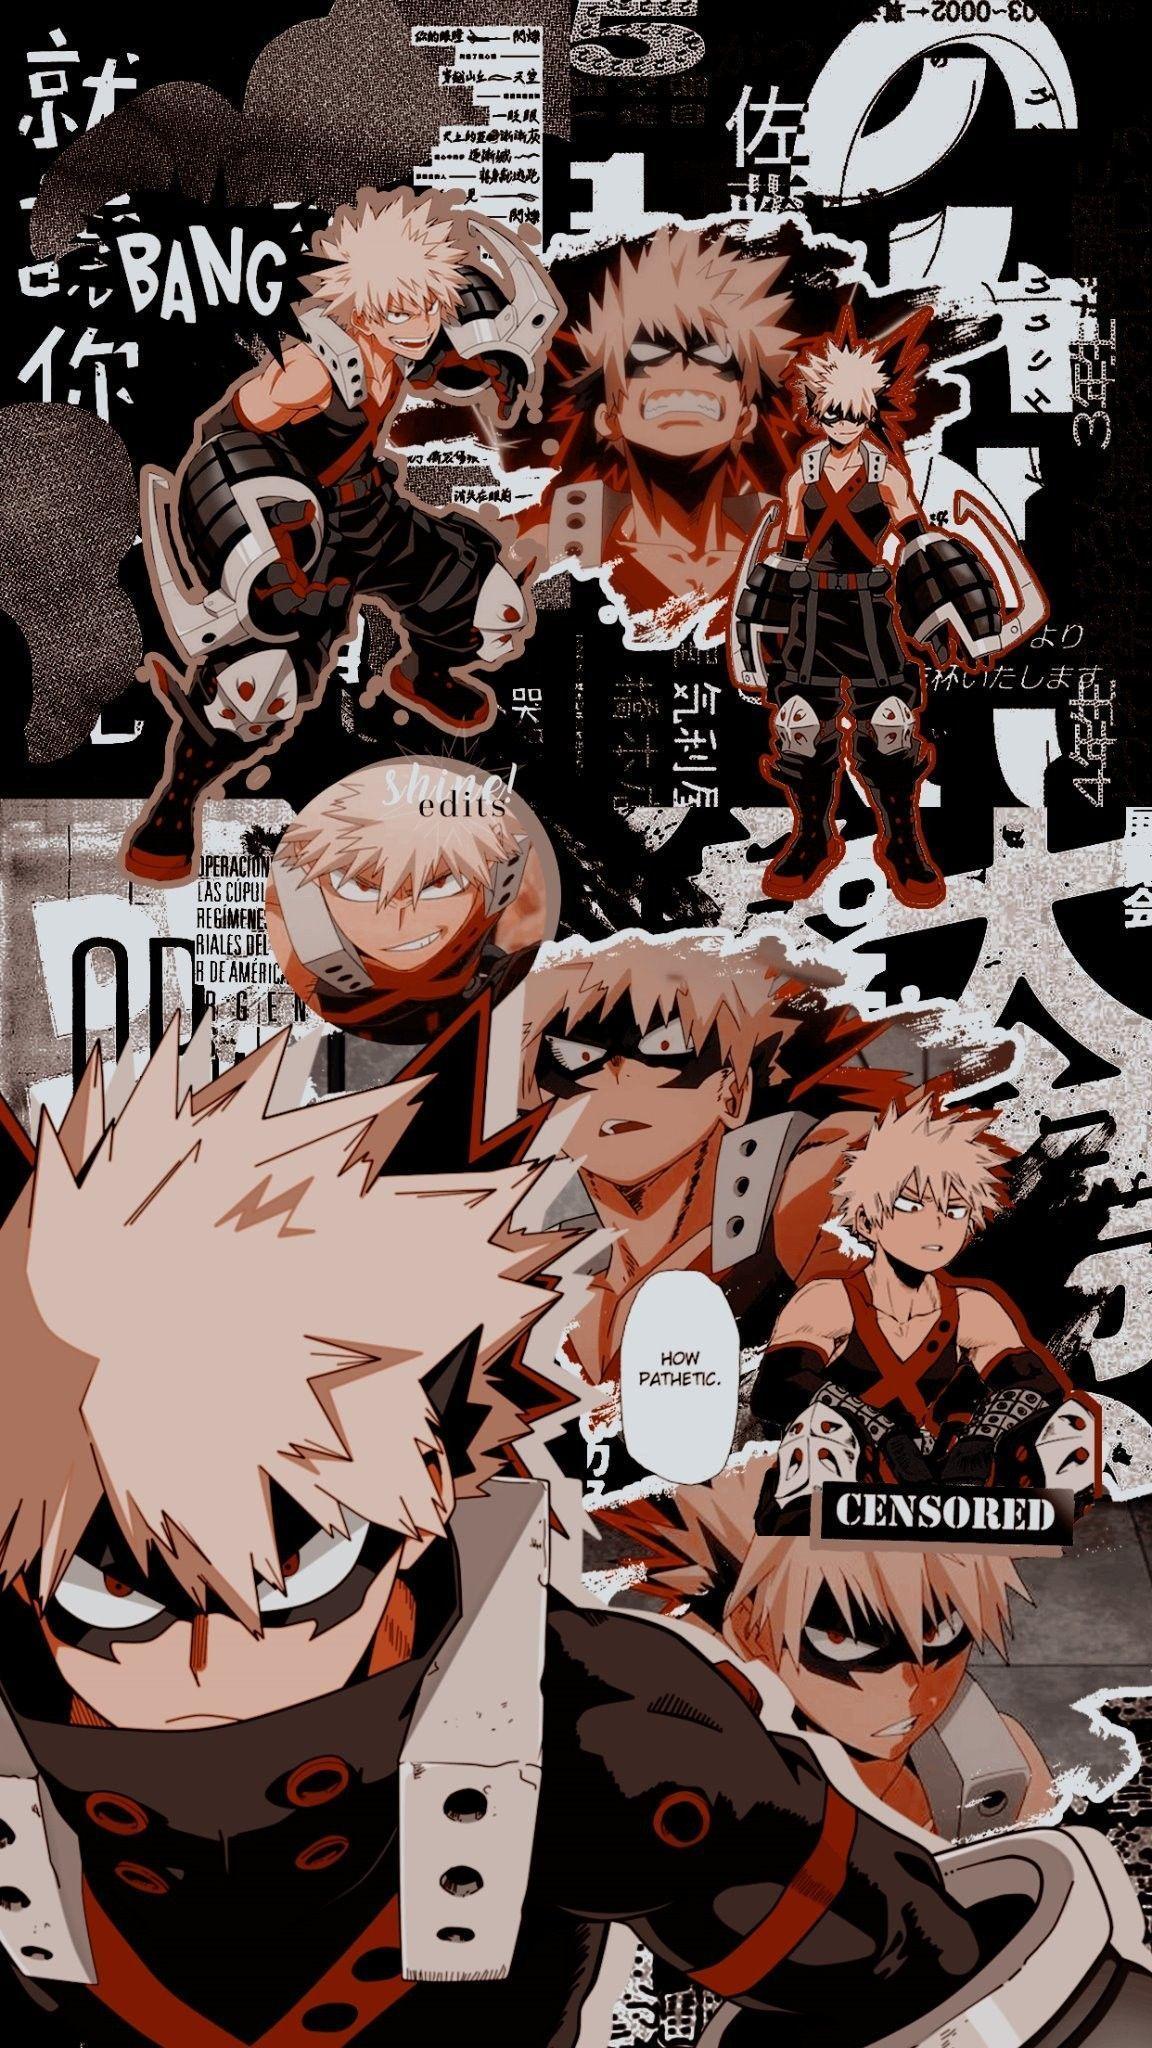 Bakugou Lockscreens Bnha Shinedlts On Twitter Bakugou Bnha Lockscreens Shinedlts Twitte En 2020 Fondo De Pantalla De Anime Fondo De Anime Wallpaper De Anime